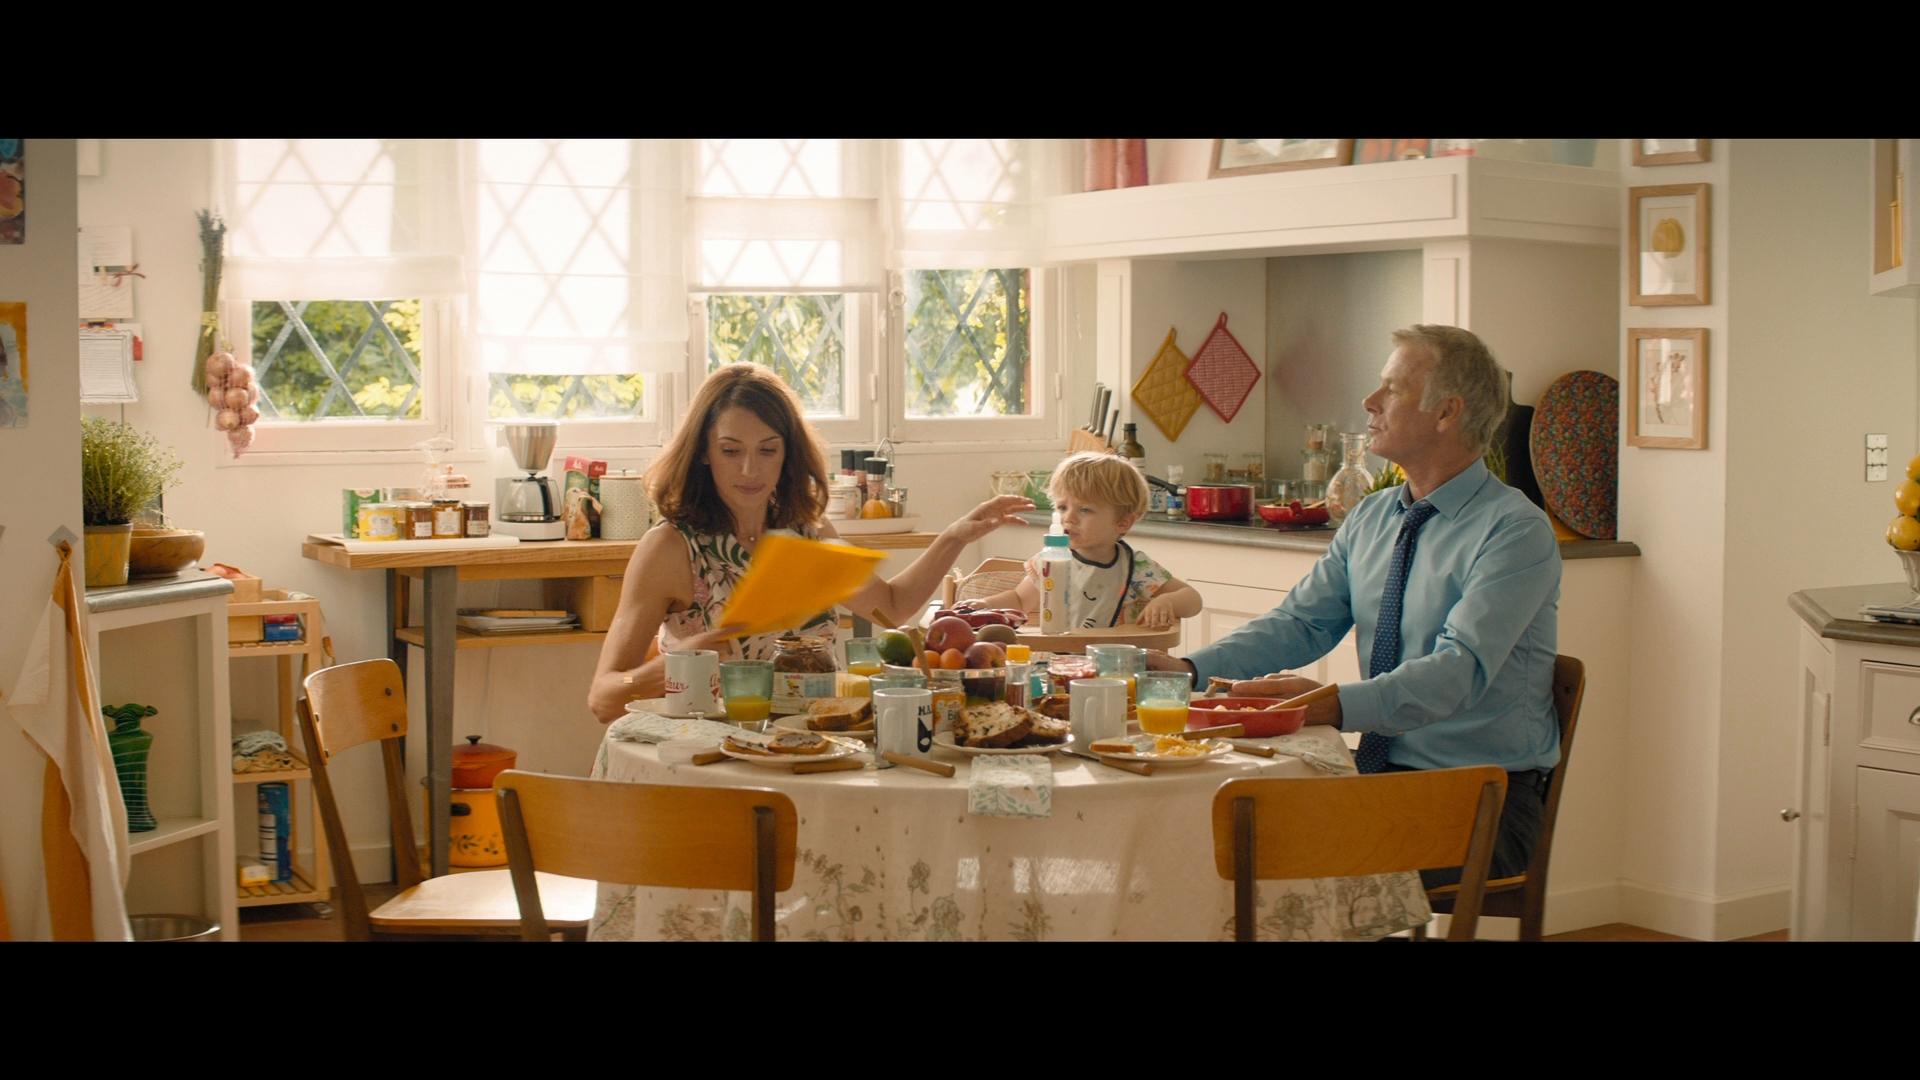 Mamá se va de viaje (2020) 1080p BRRip